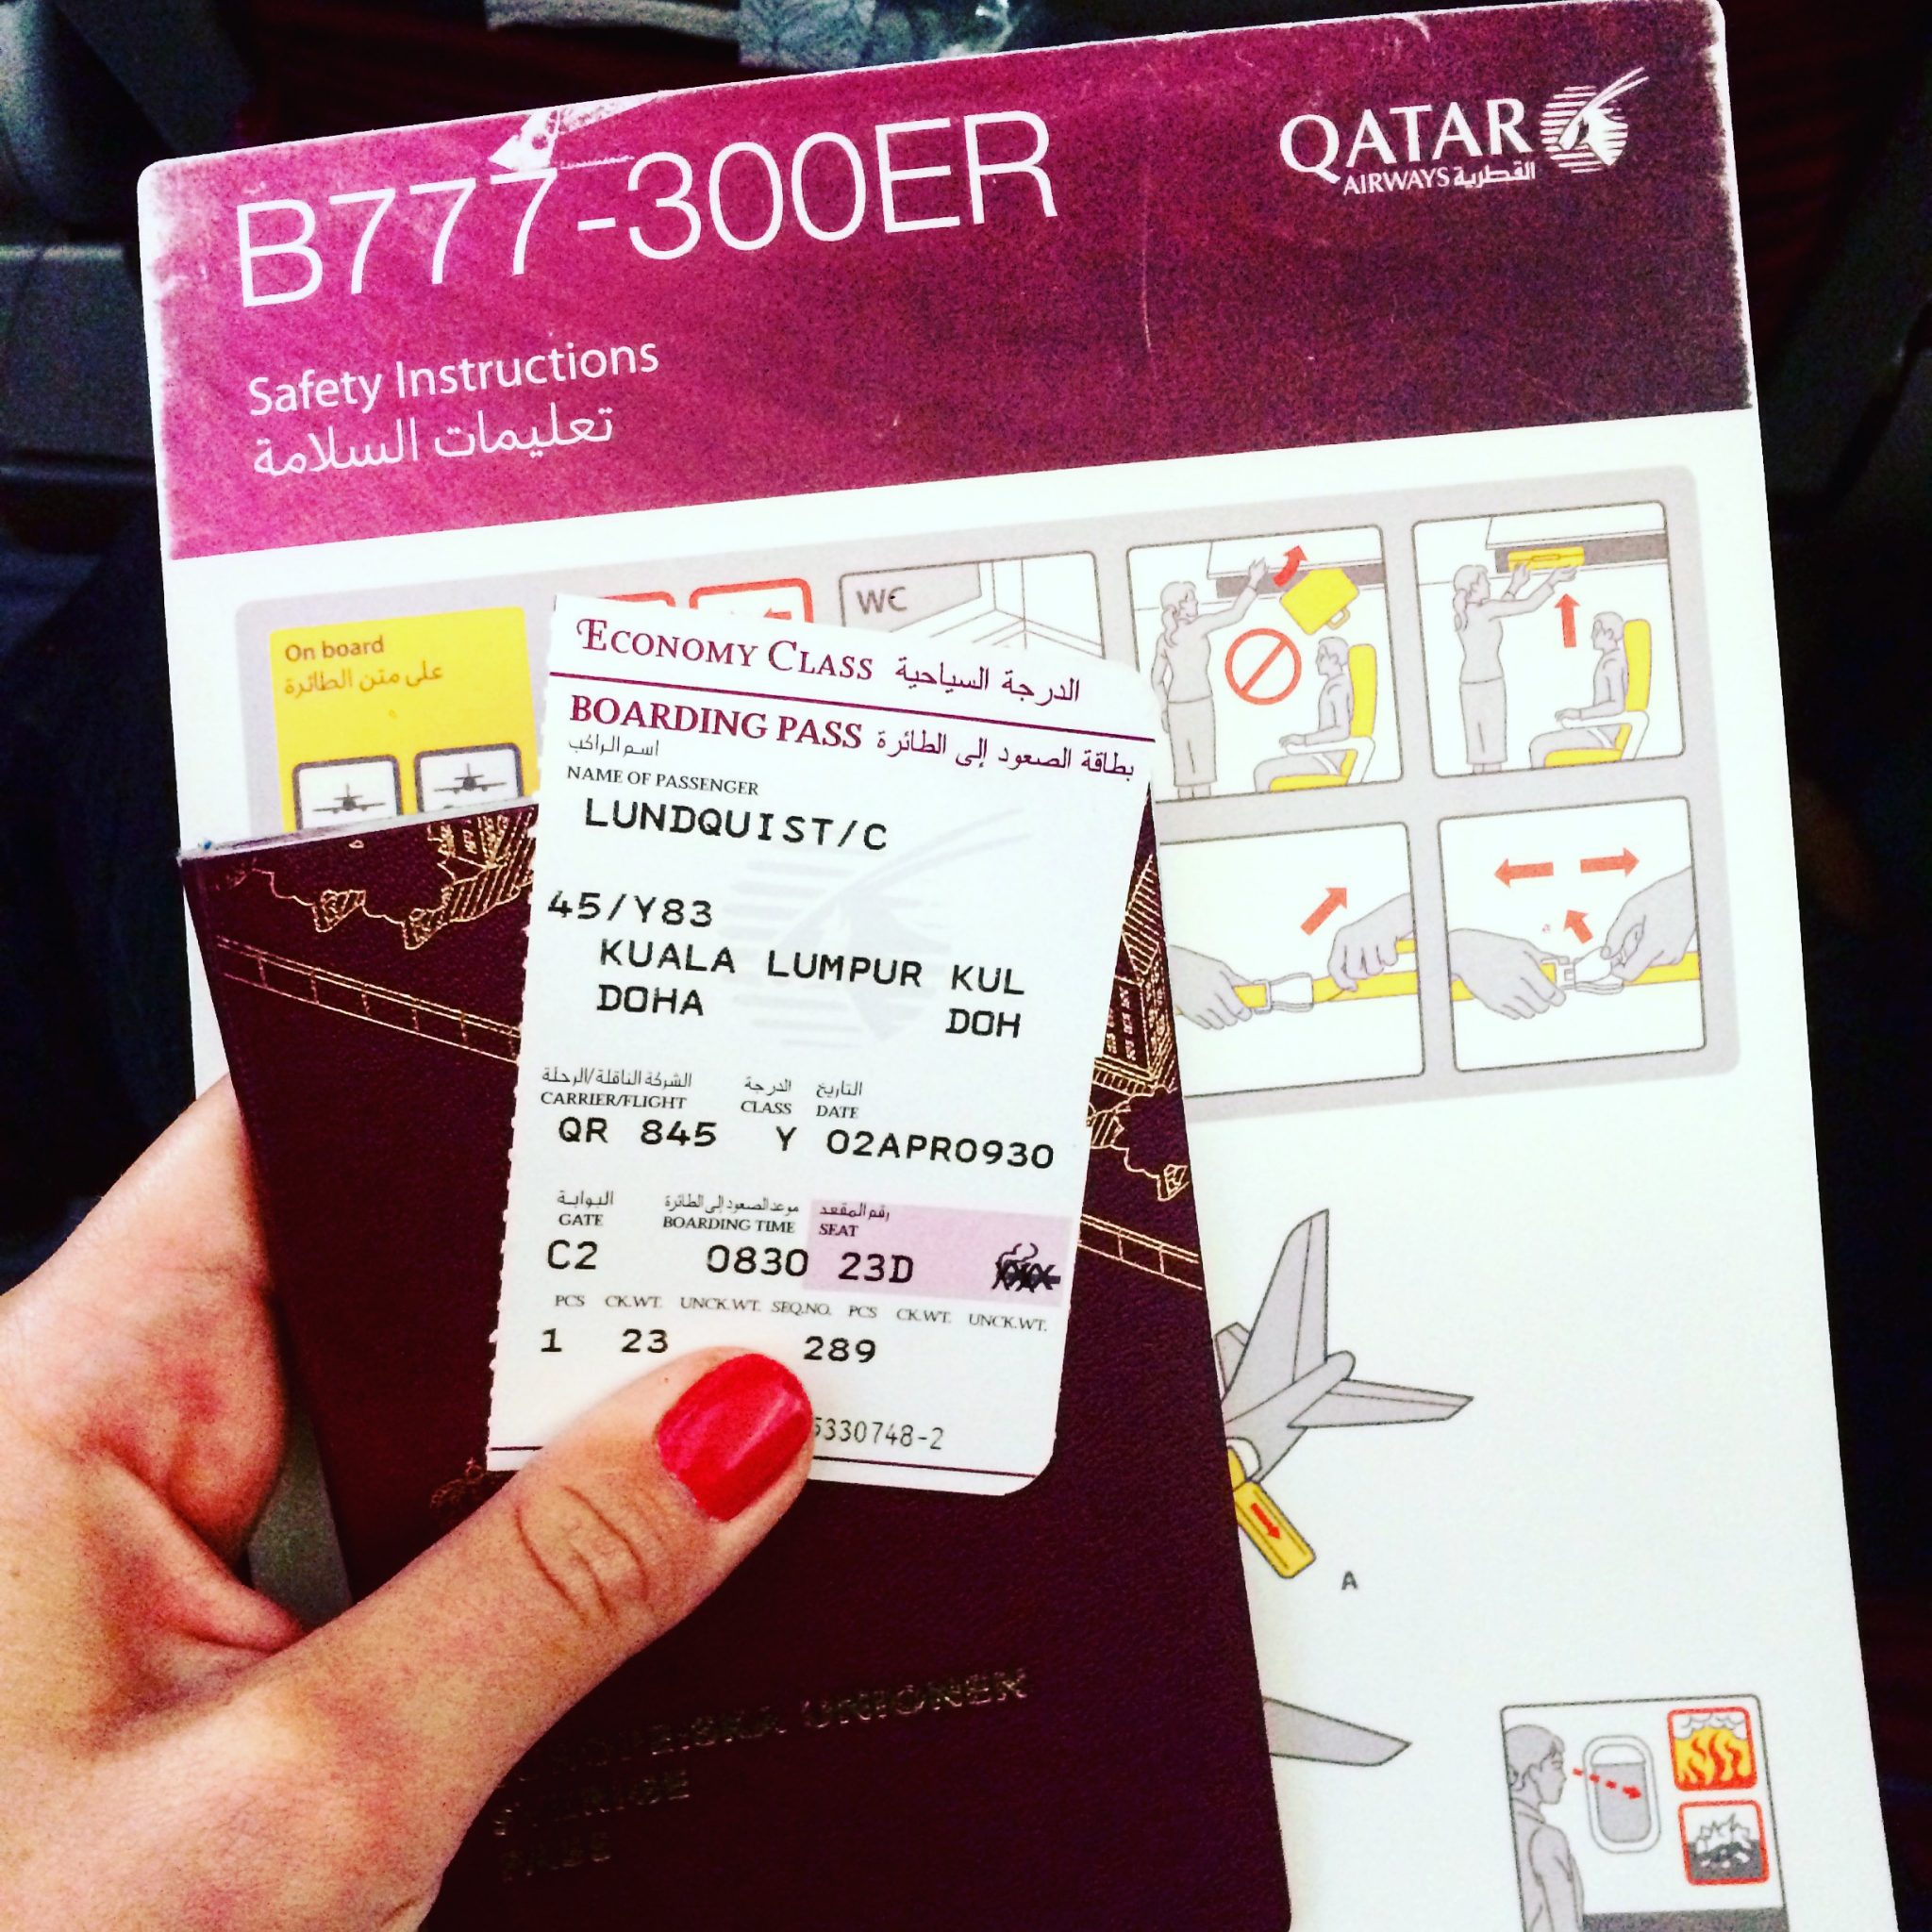 Flygbiljett